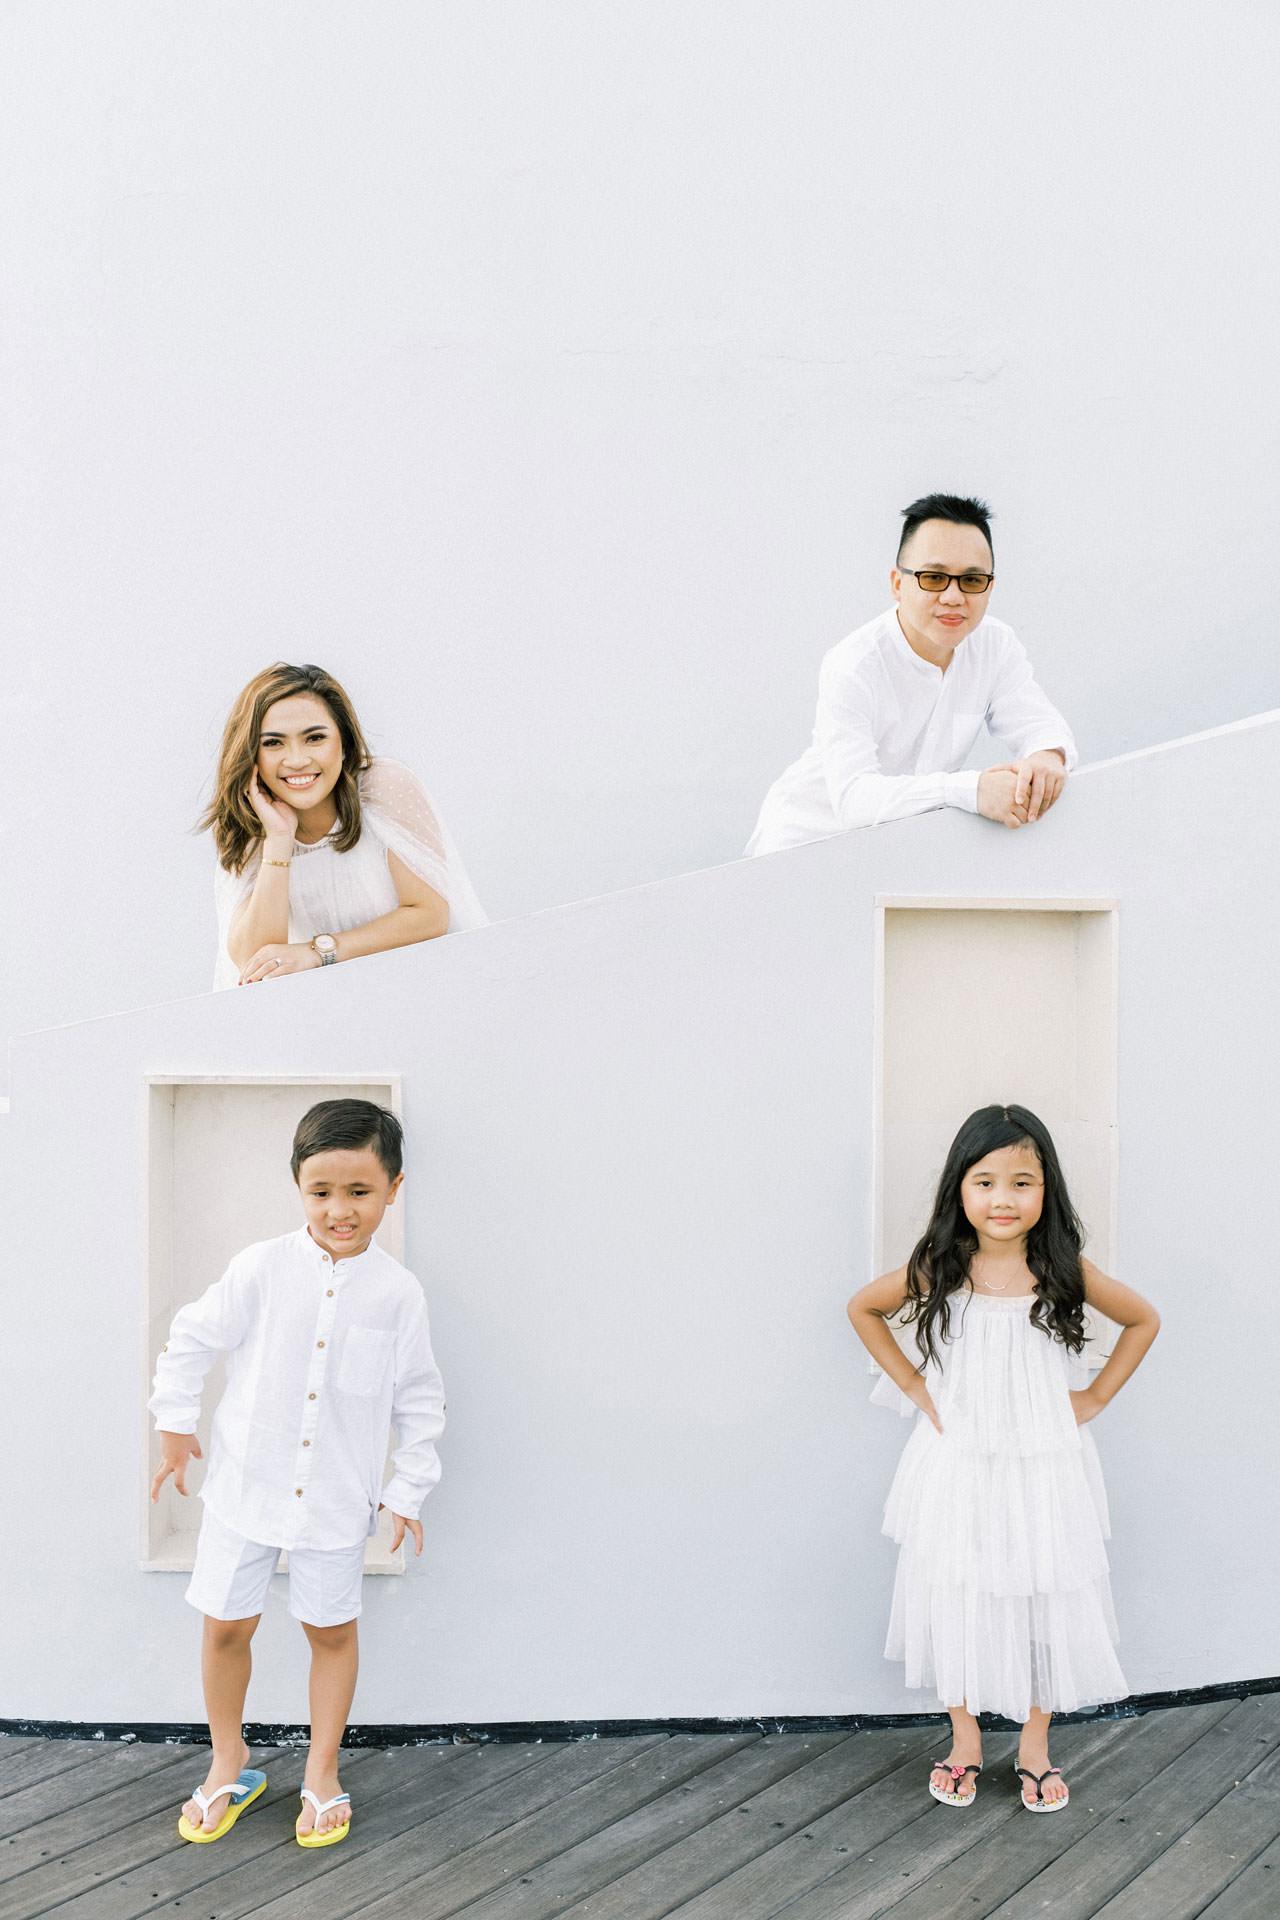 Samabe Bali Outdoor Family Photo 8